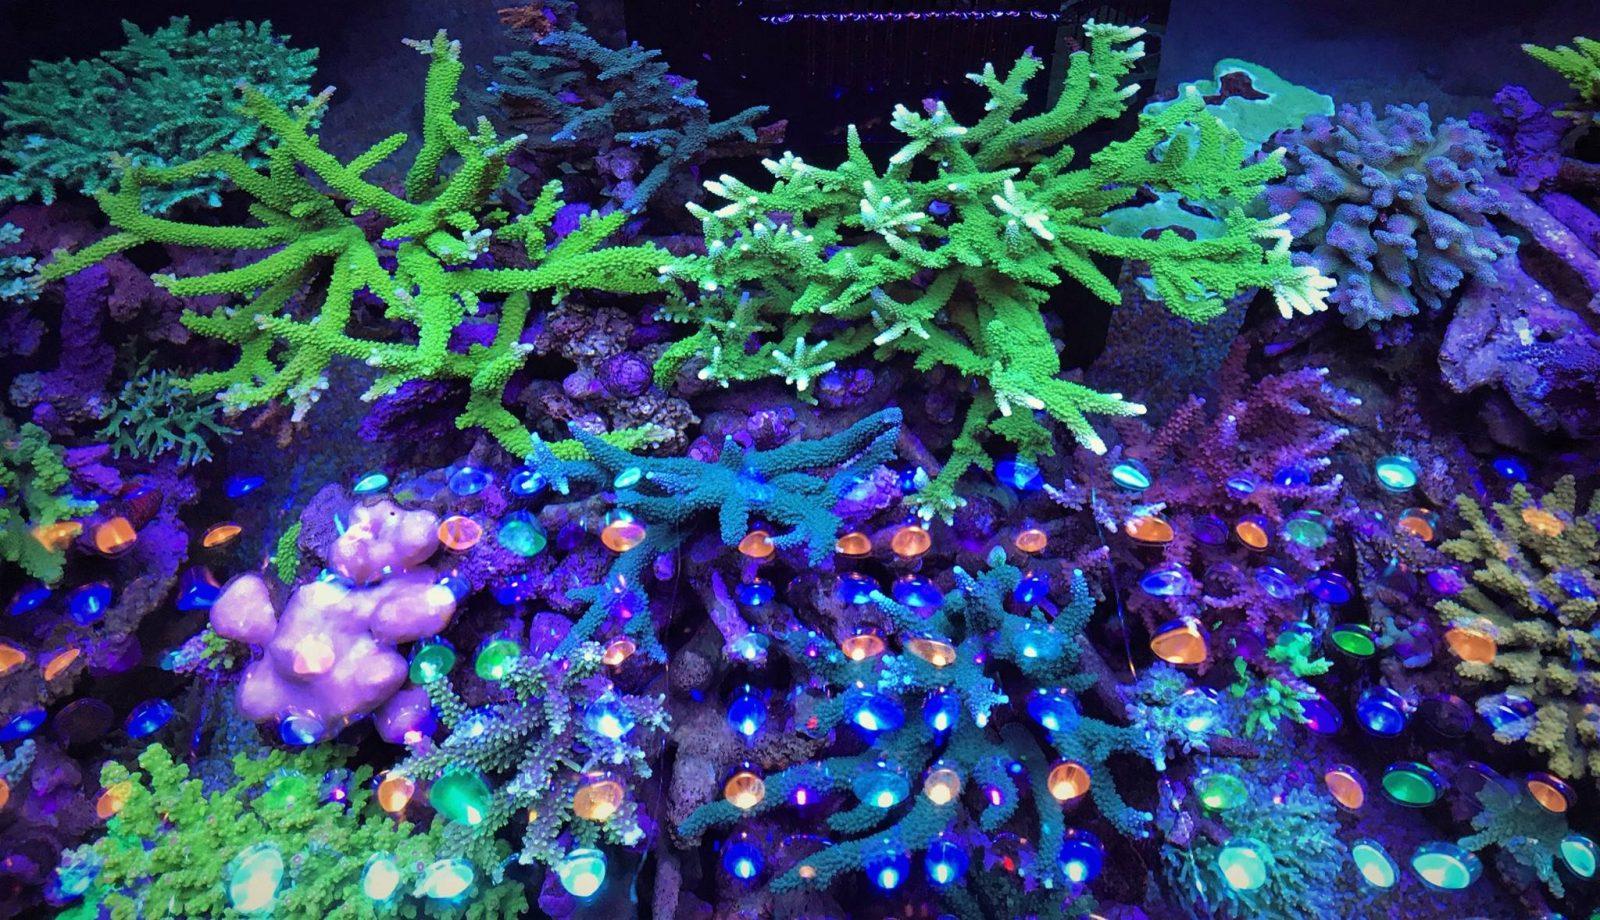 Wutah karang paling apik nyebabake lampu 2020